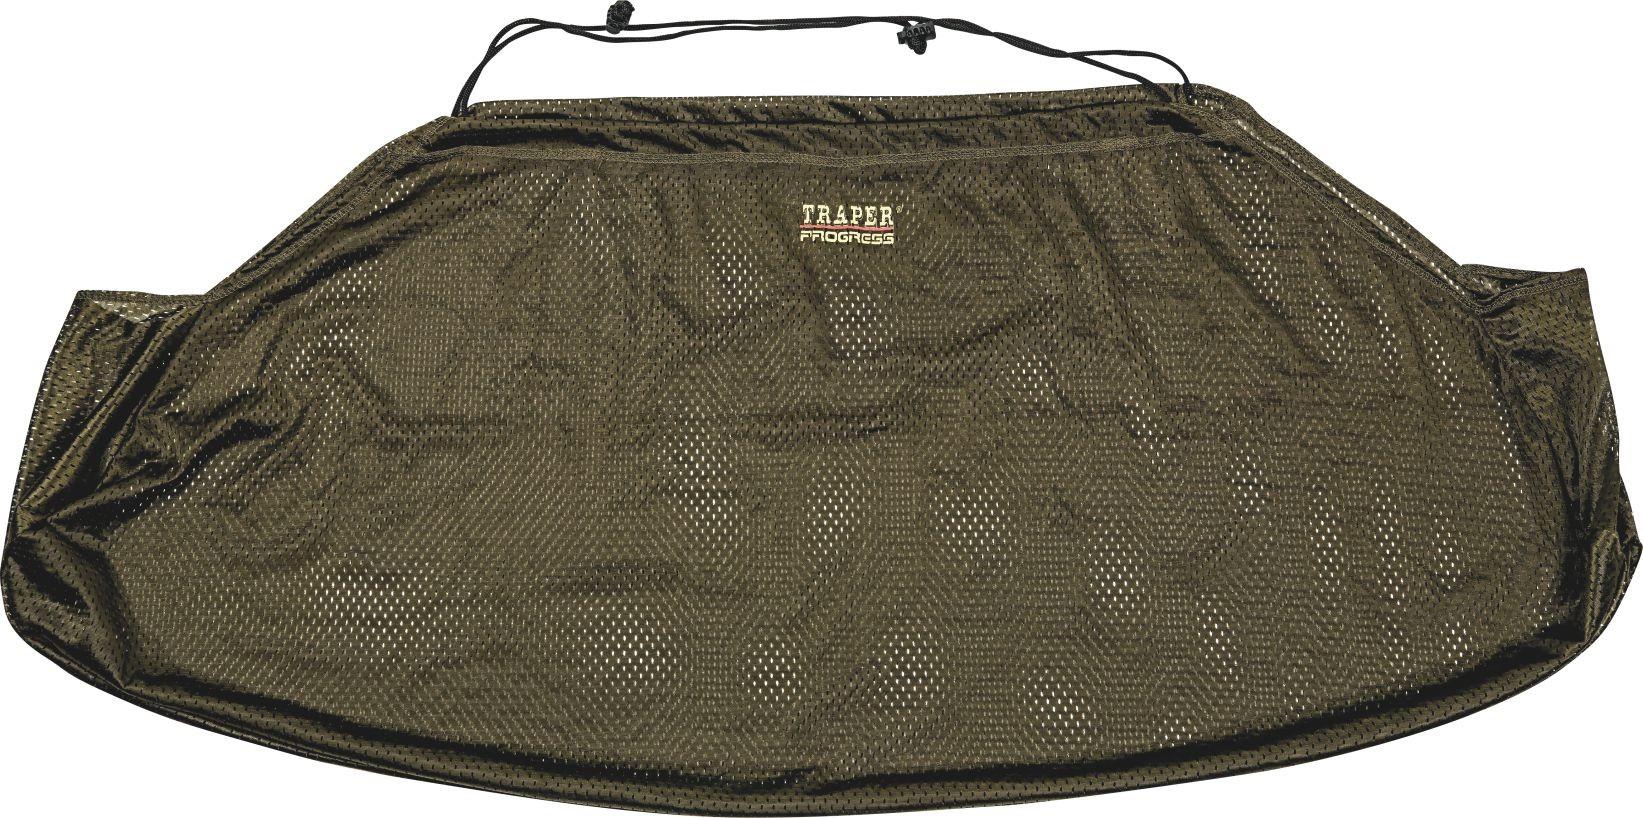 GRID TAPER, PROGRESNUTIE 110 X 50CM CARP BAG